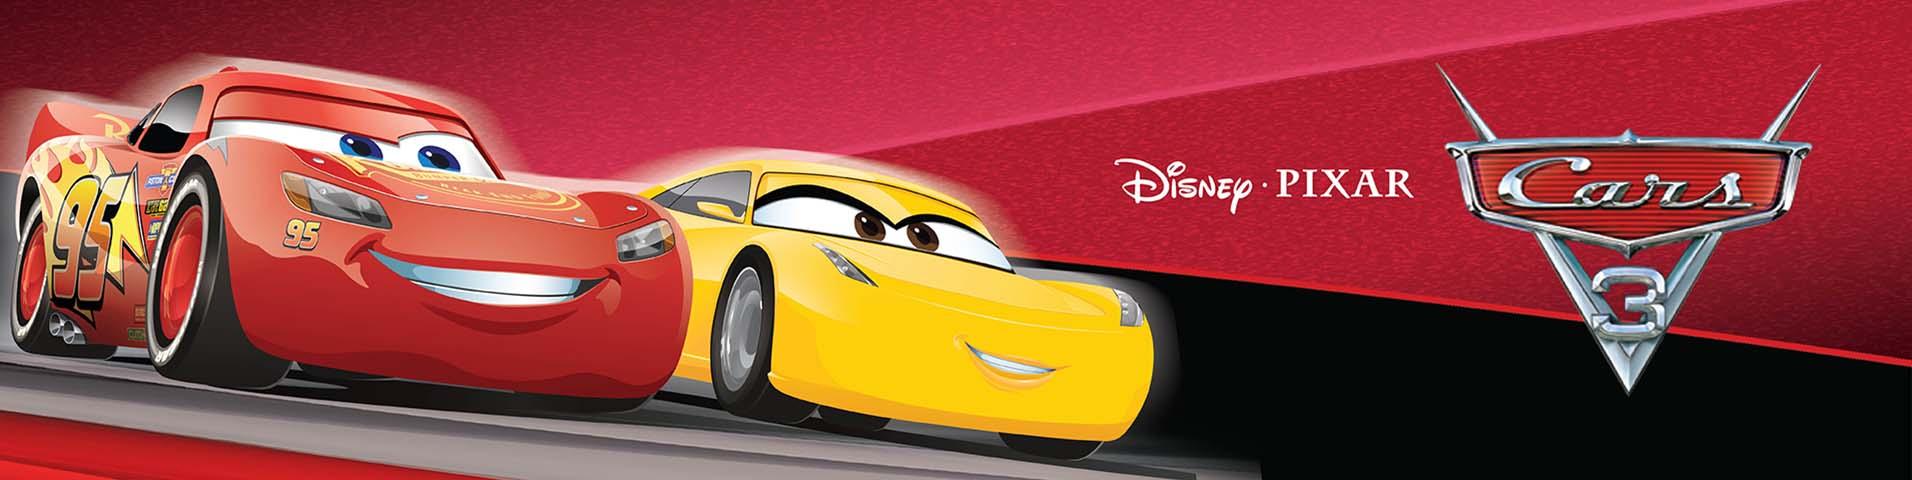 Cars Kleding.Disney Pixar Cars Kinderschoenen Kleding Gratis Verzending Zalando